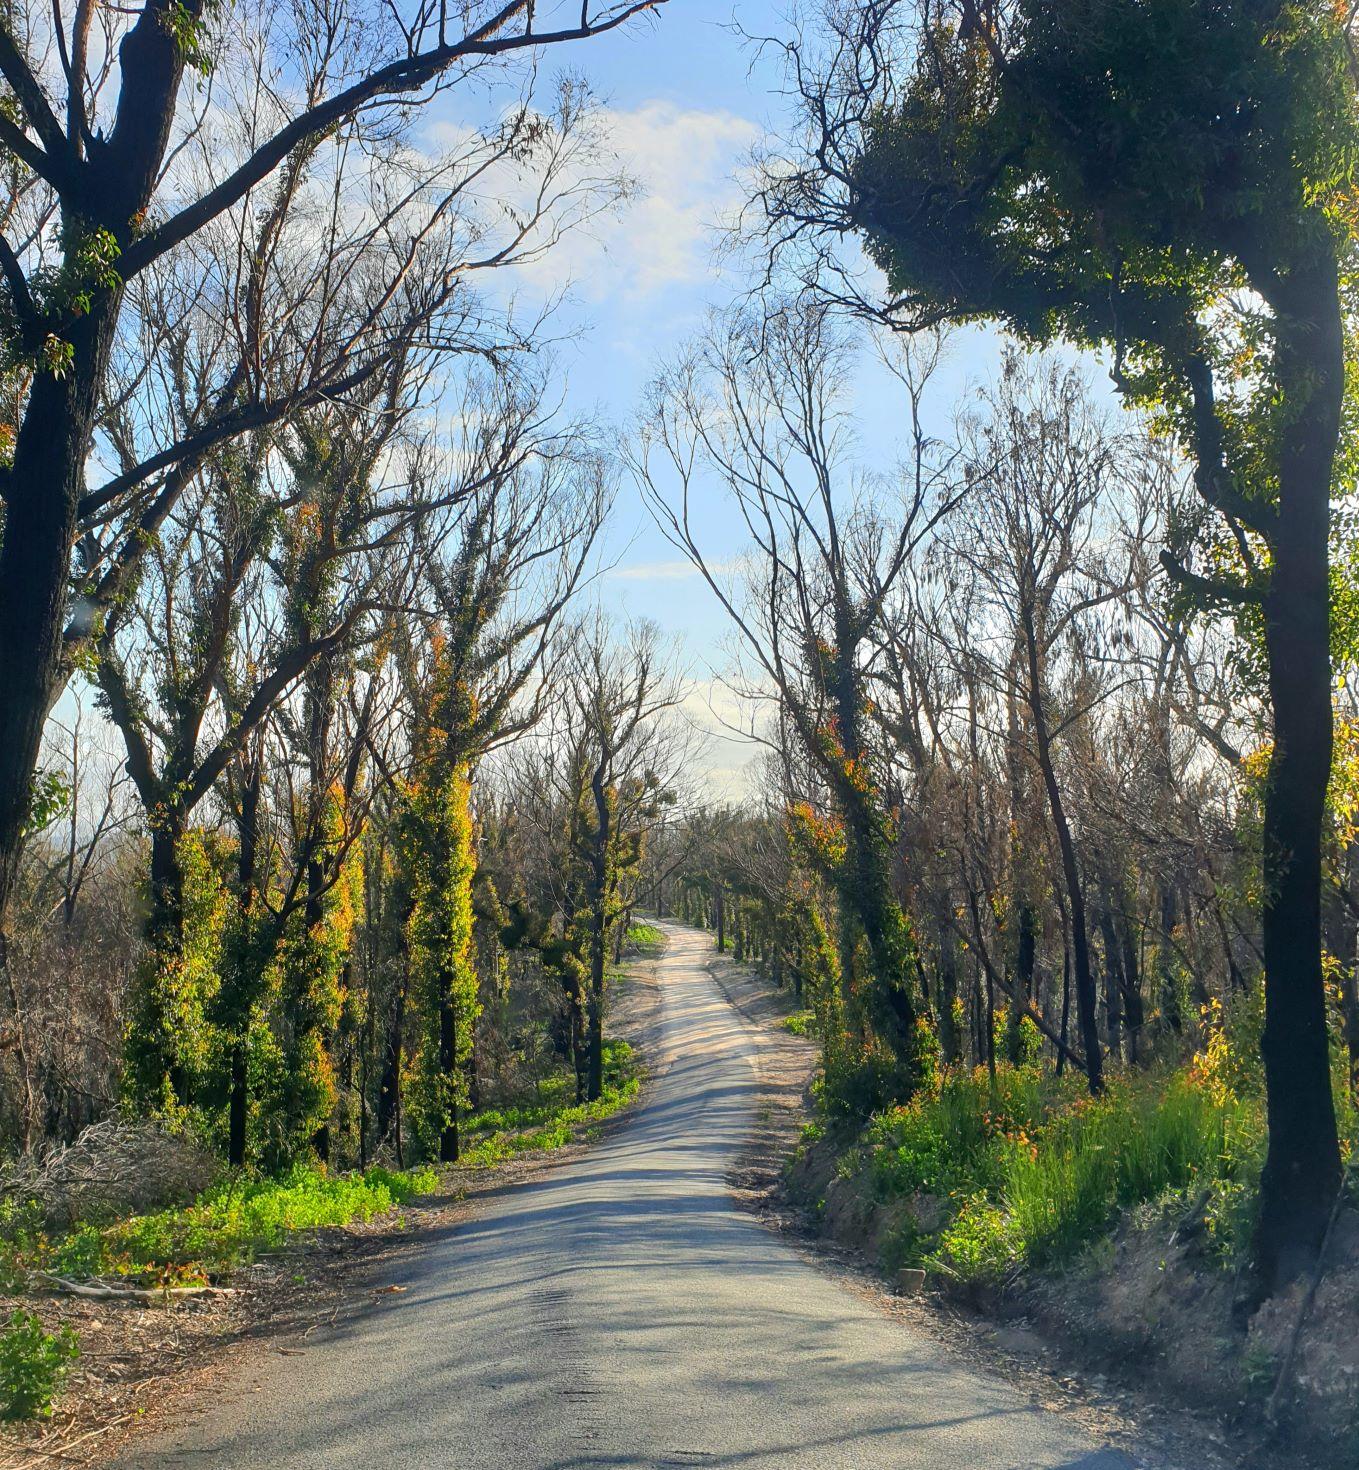 Green Cape road